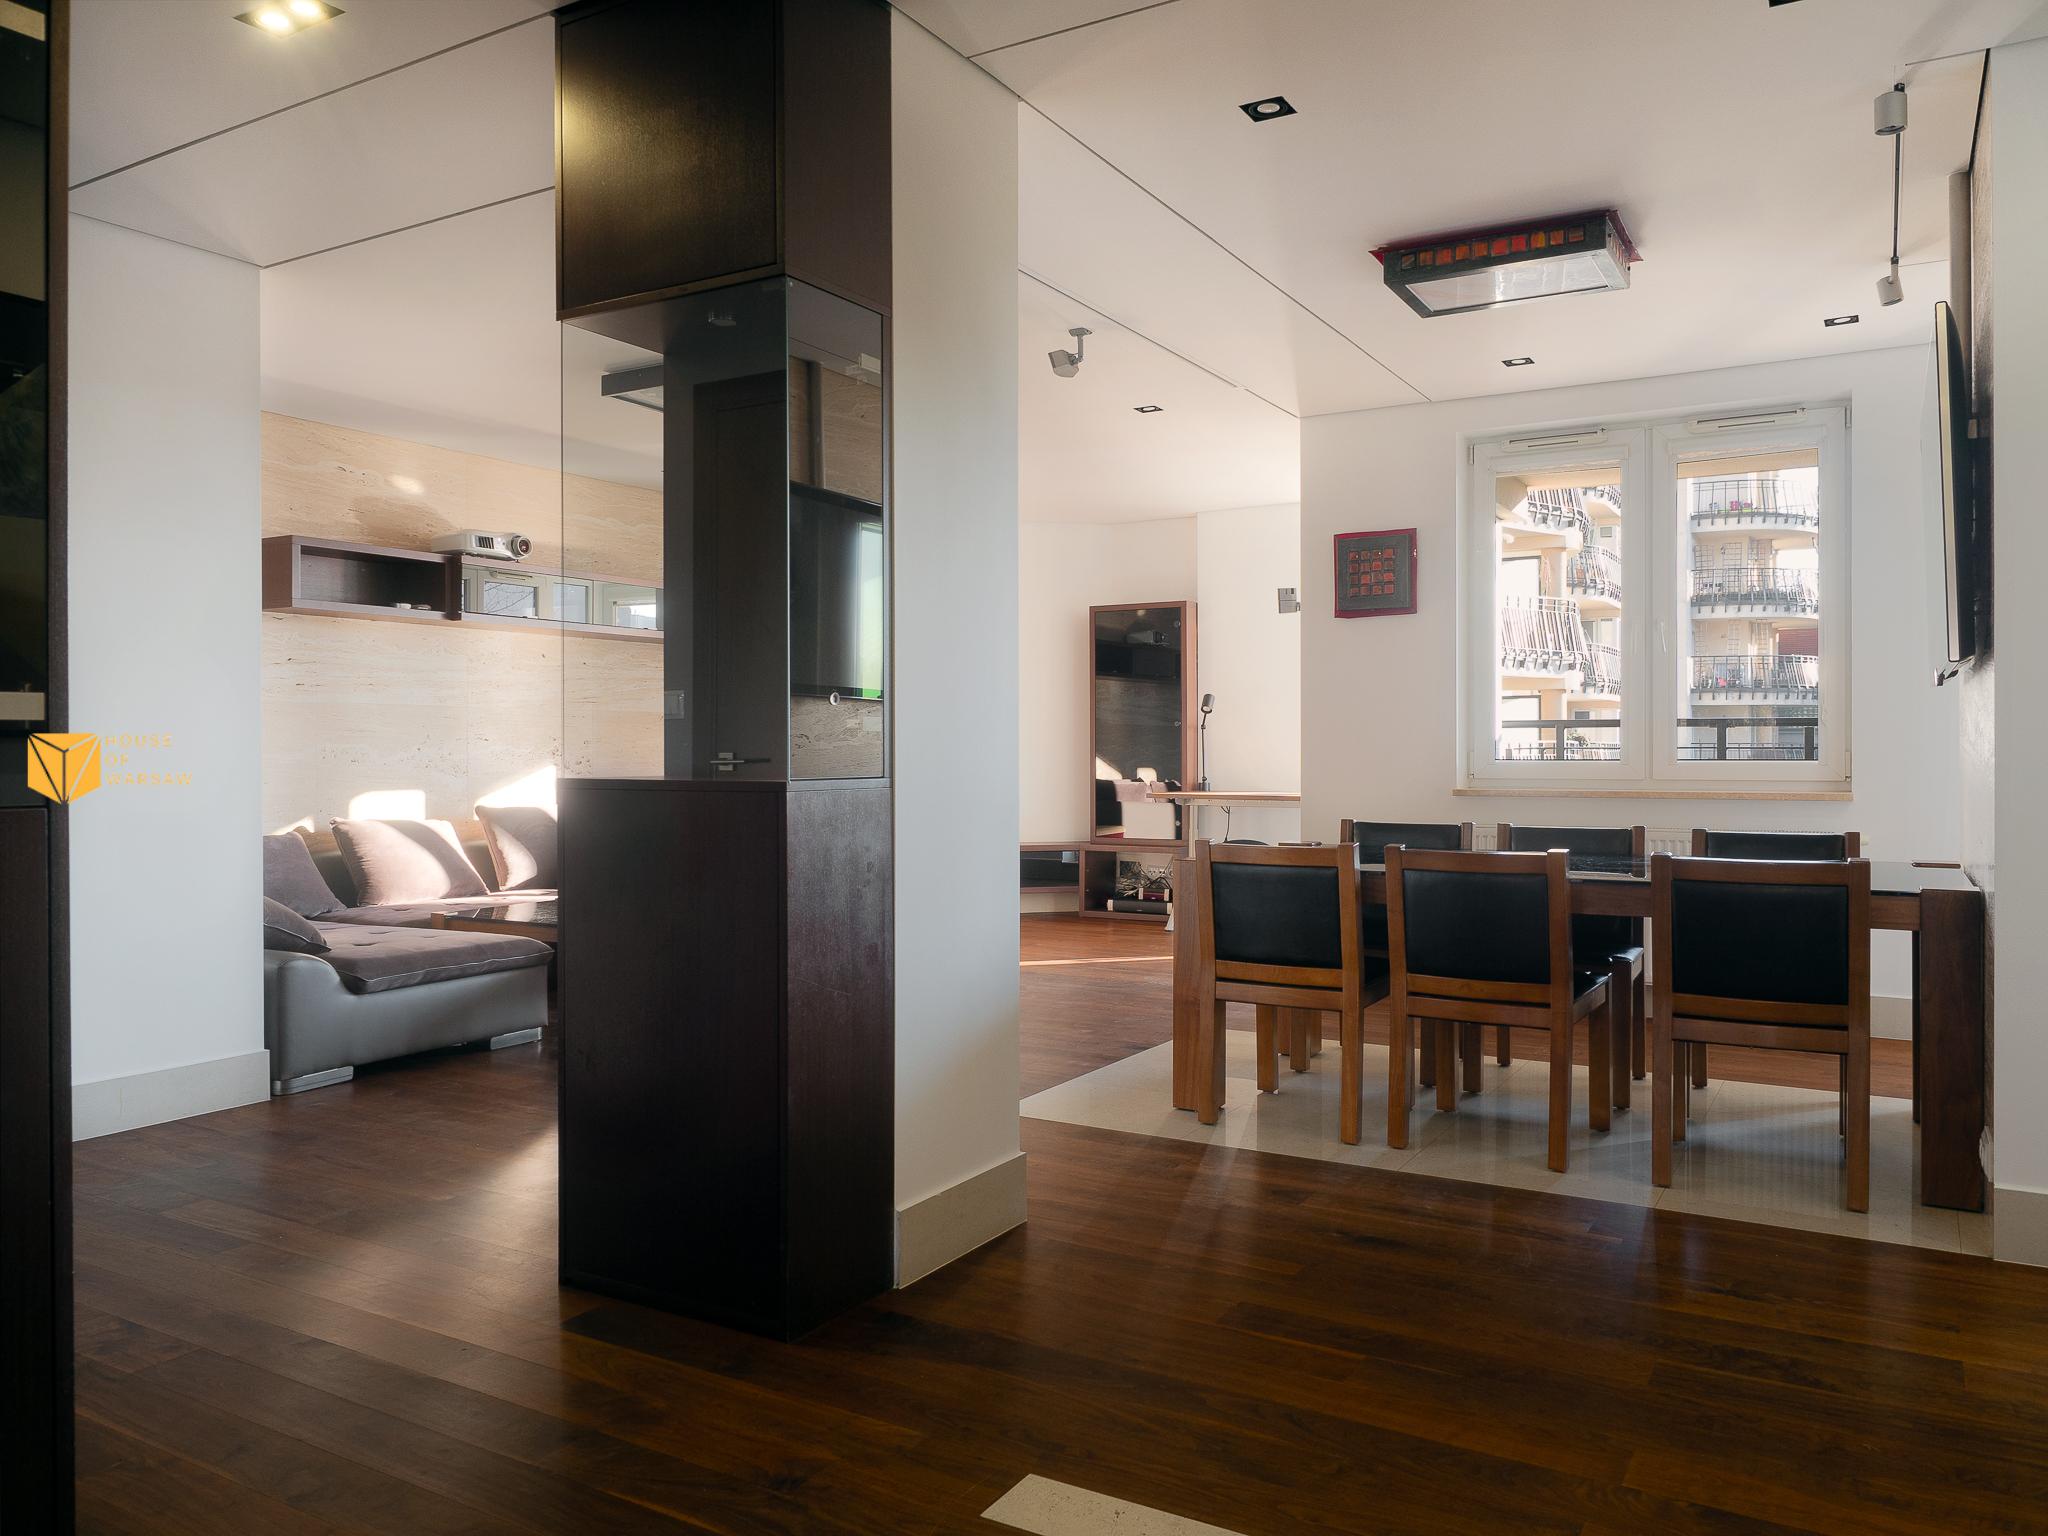 Luksusowy apartament do wynajęcia przy ul. Okrzei